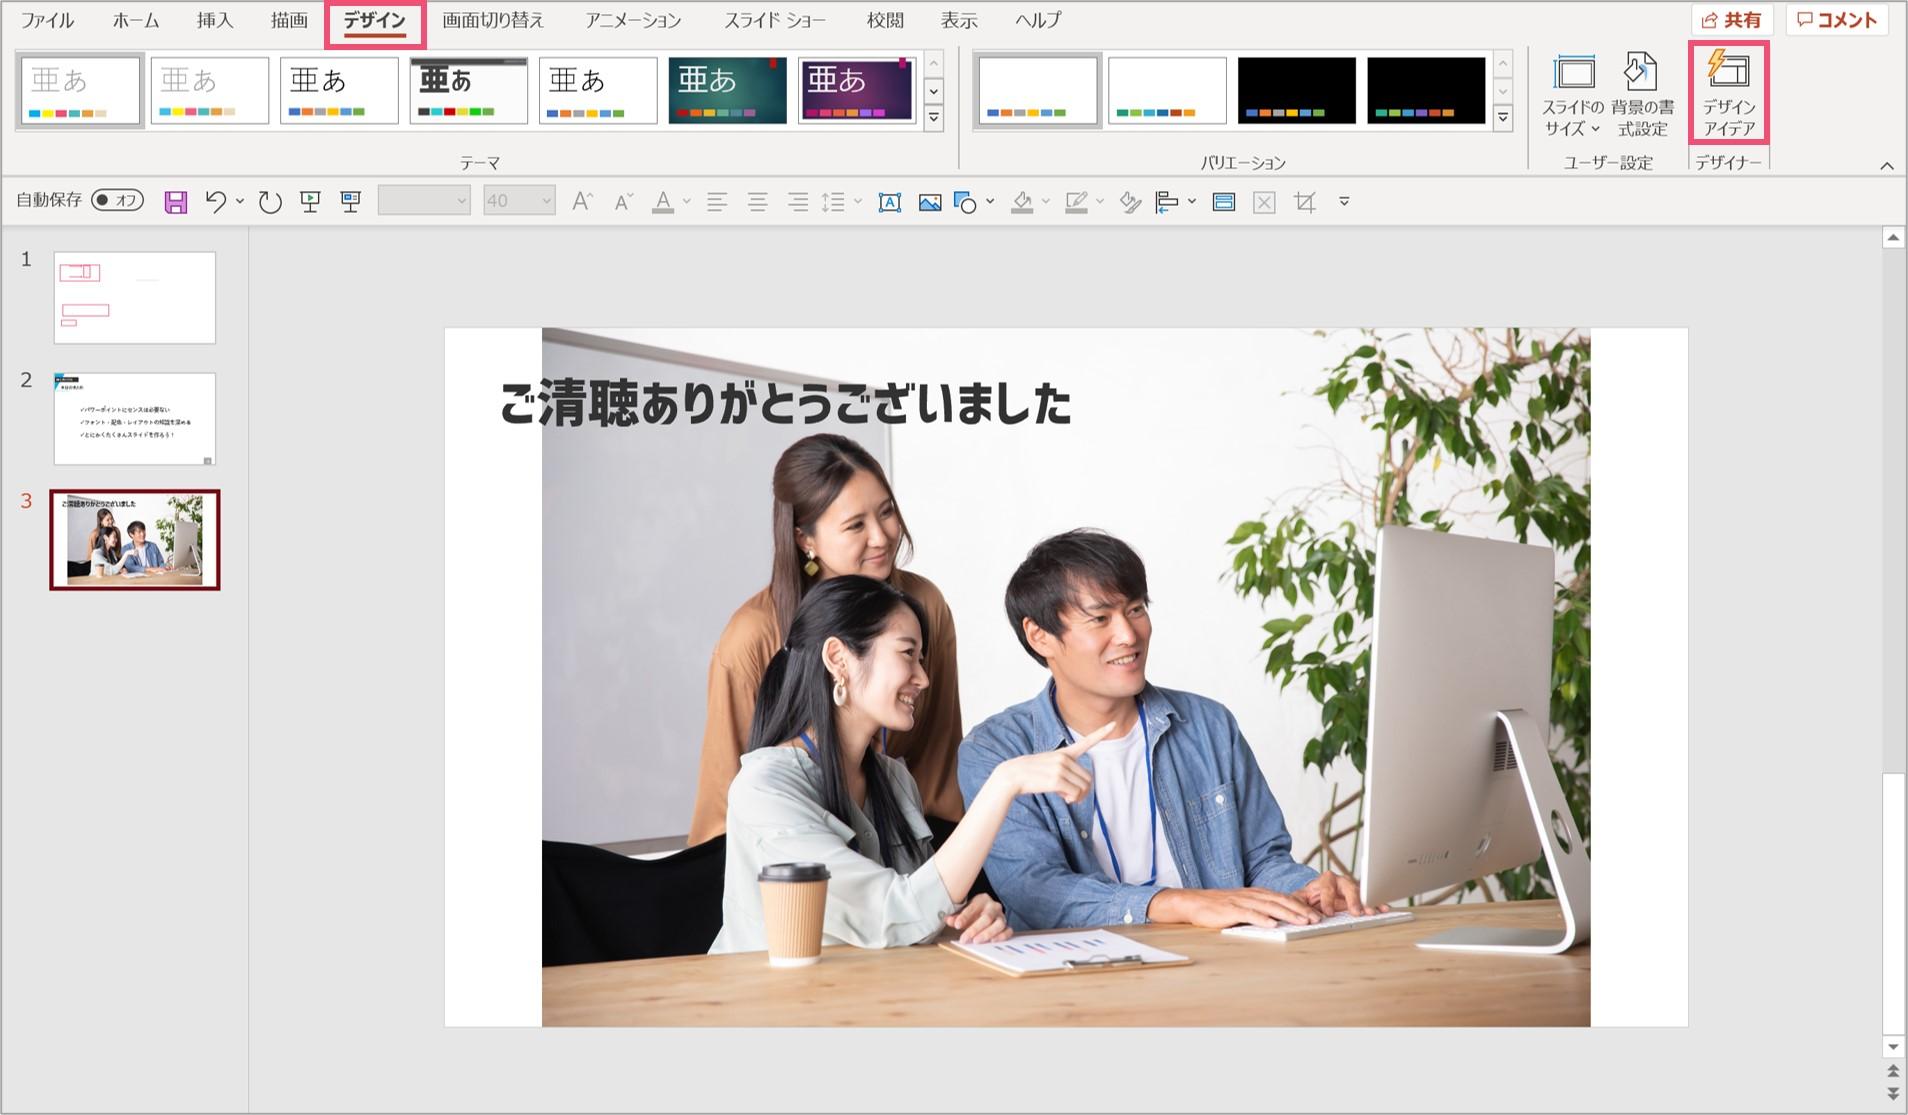 パワーポイントに画像と文字を挿入する